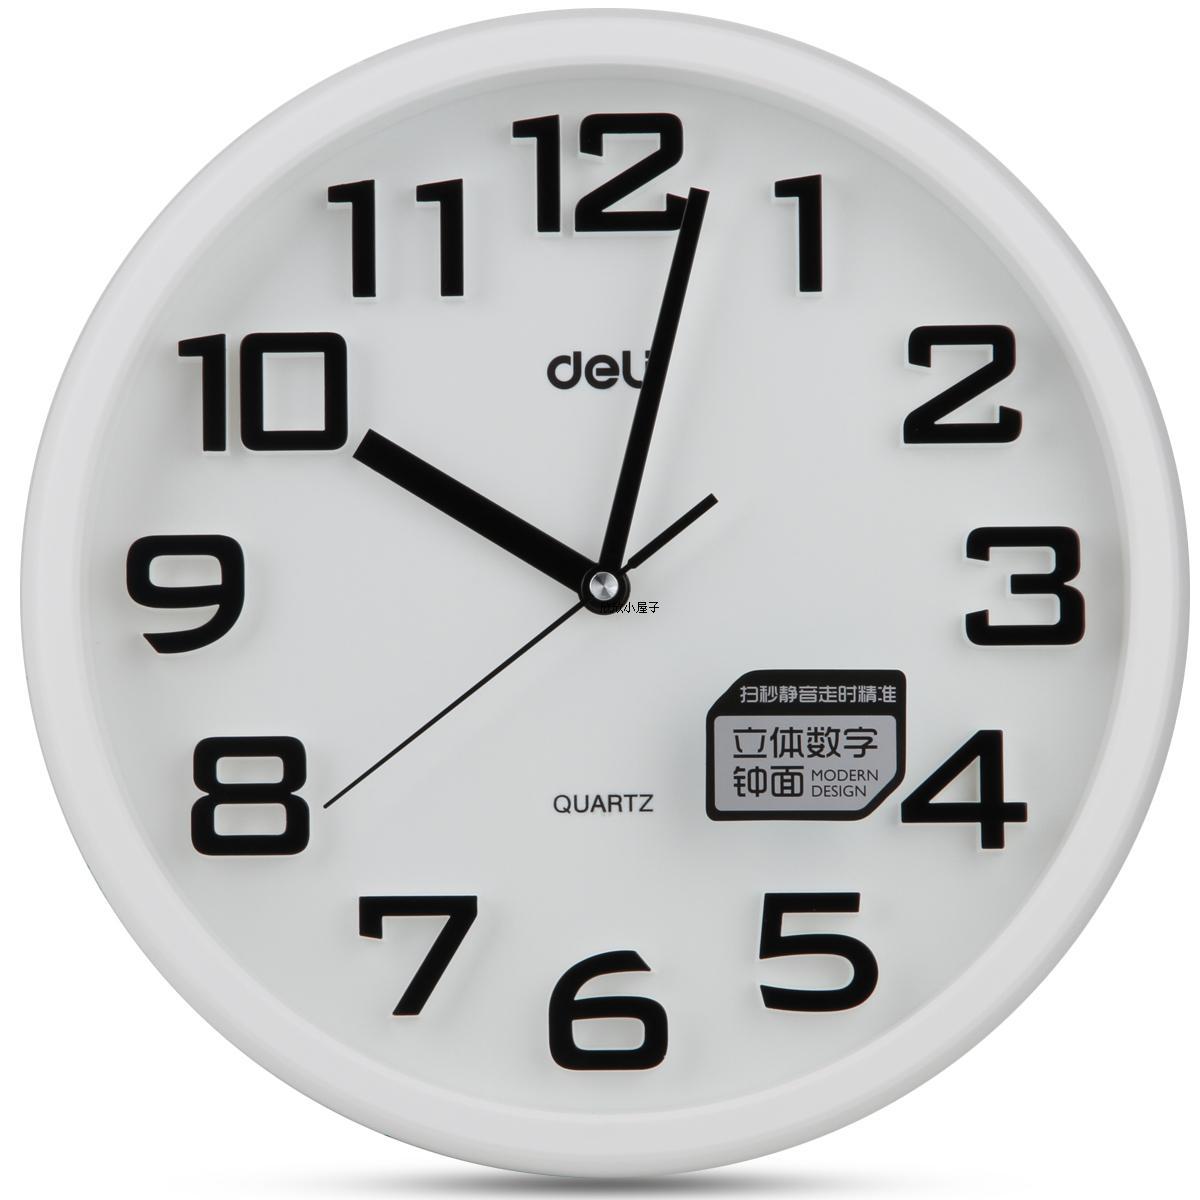 得力(deli) DL8948 圆形电子时钟 挂钟 客厅钟表 直径33cm (白色)